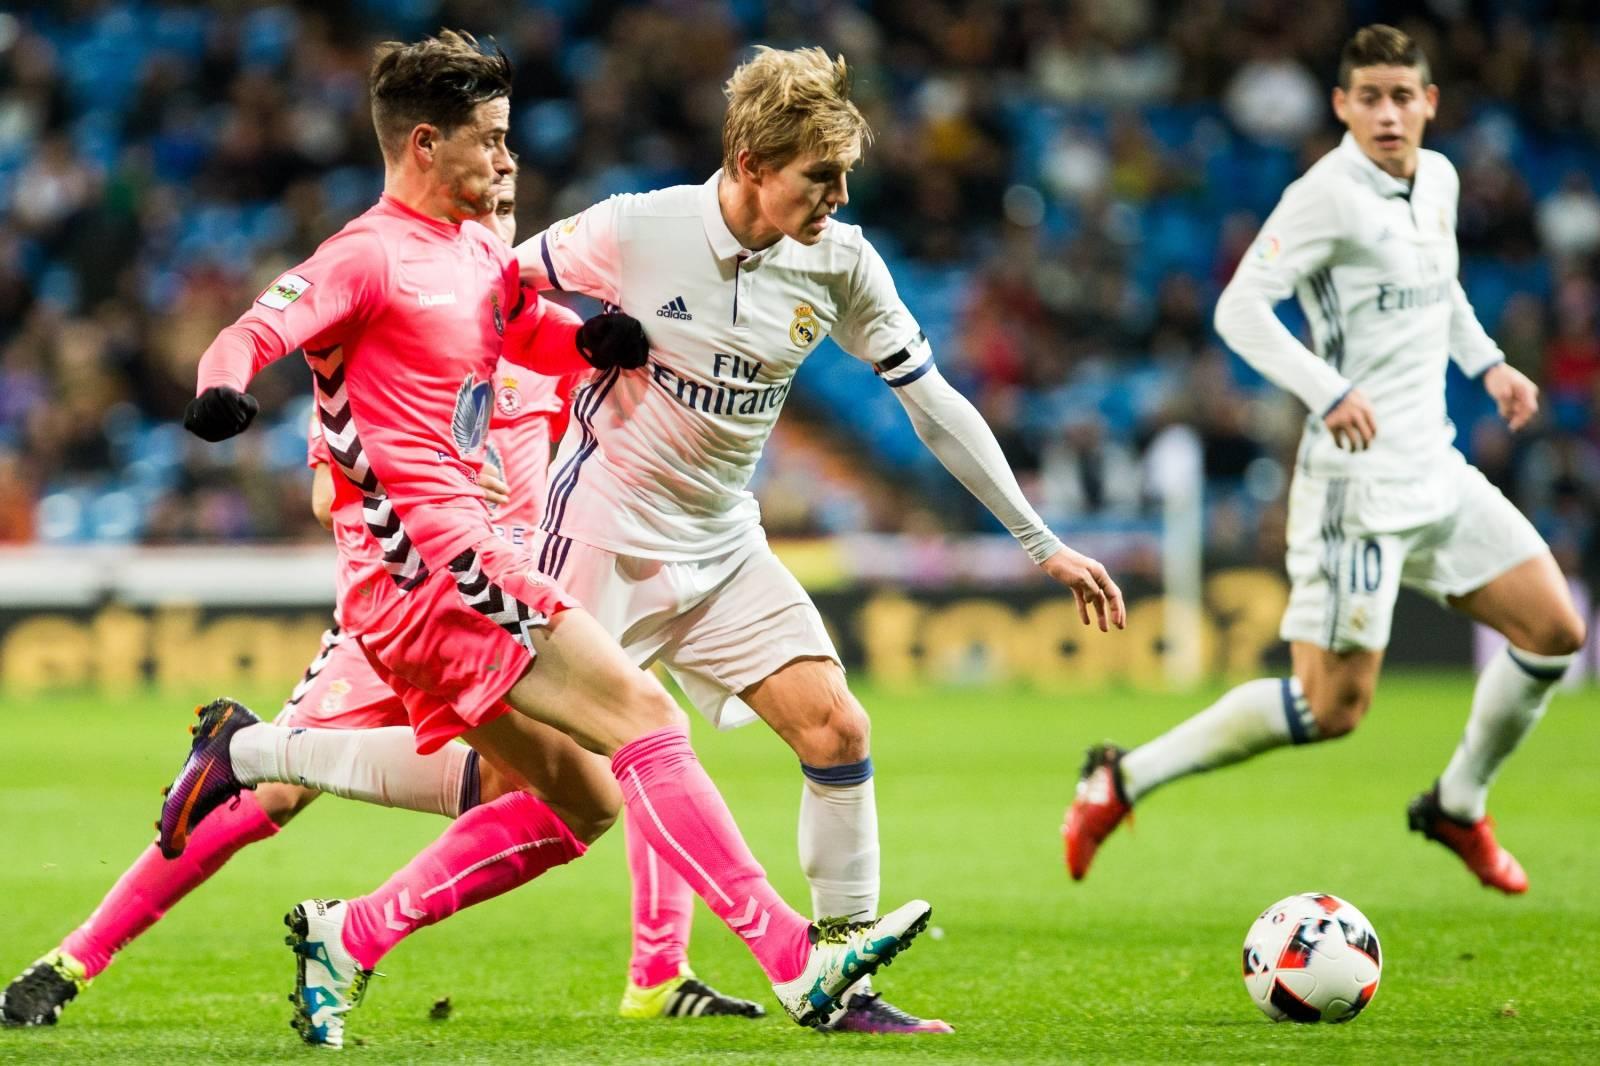 """Match  of """"Copa del Rey"""" between Real Madrid and Cultural Leonesa at Santiago Bernabeu Stadium"""